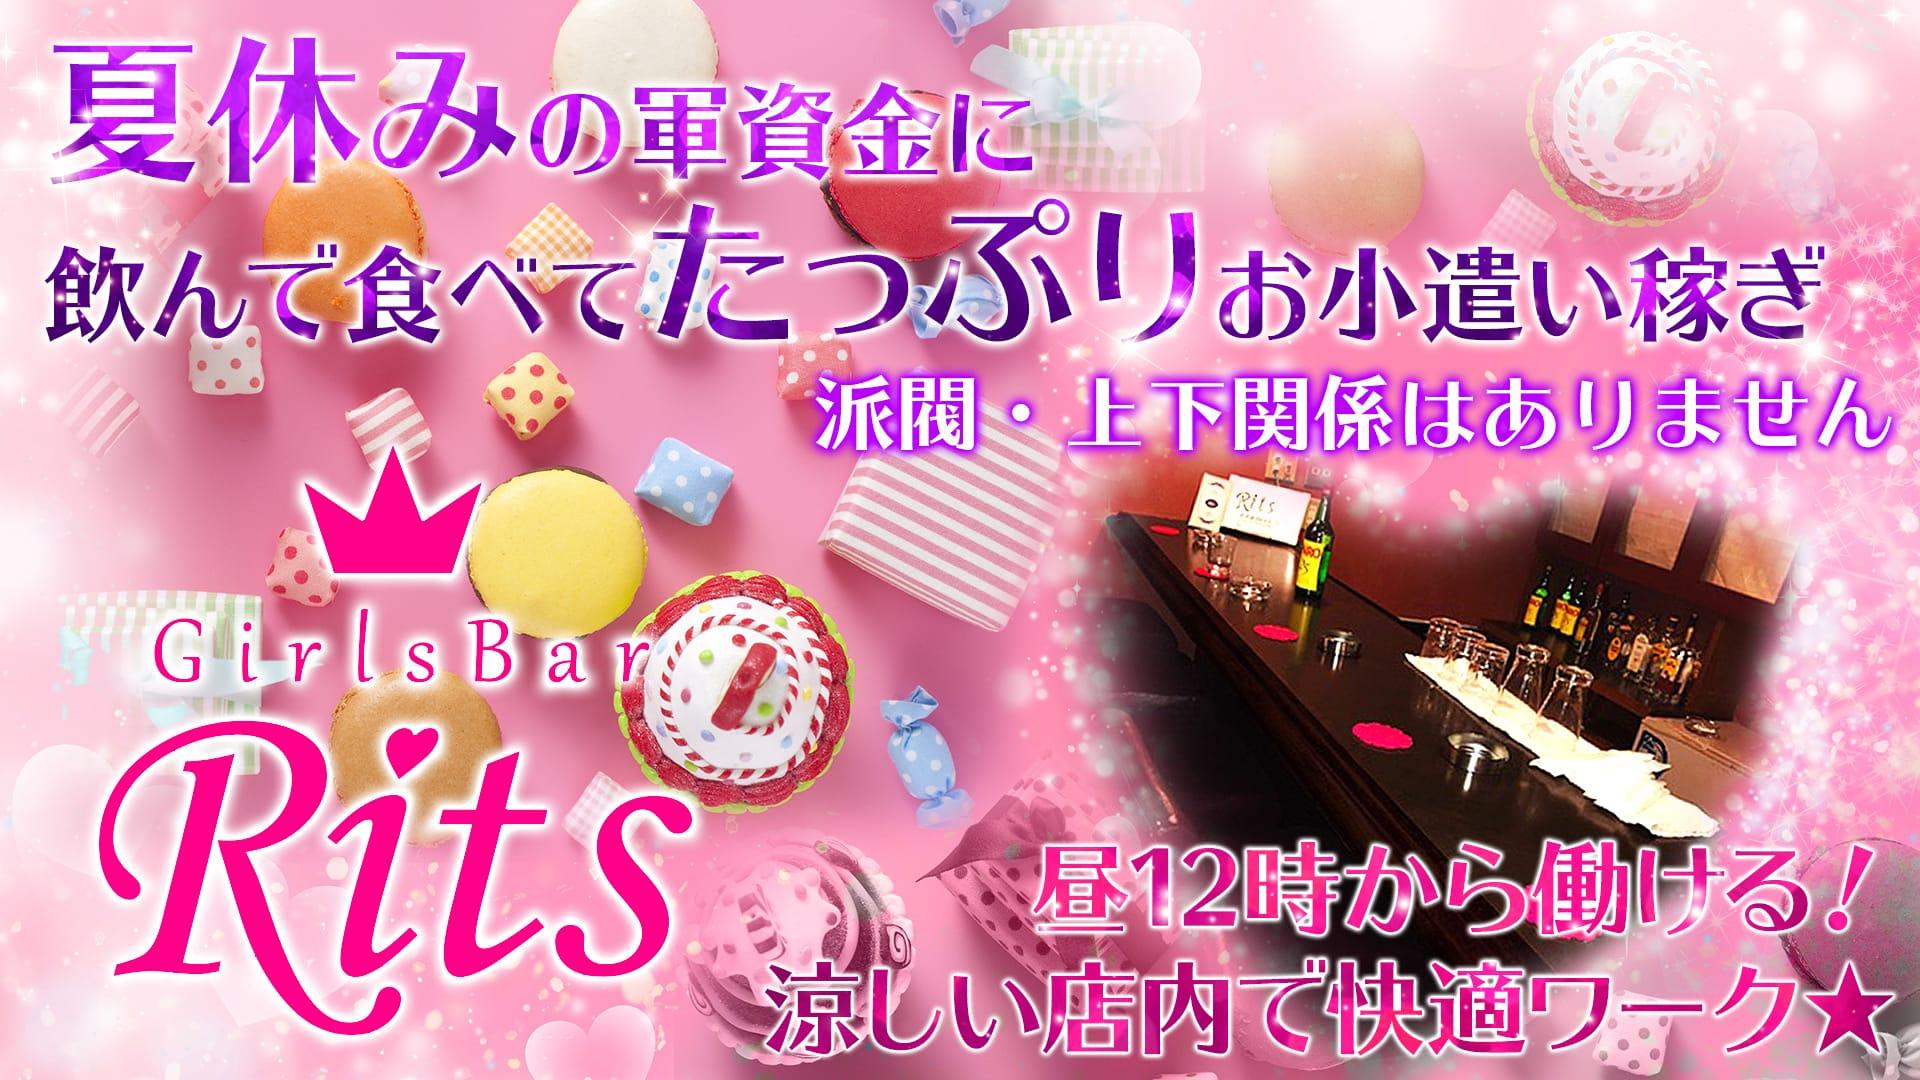 ガールズバー Rits<リッツ> 赤羽 ガールズバー TOP画像